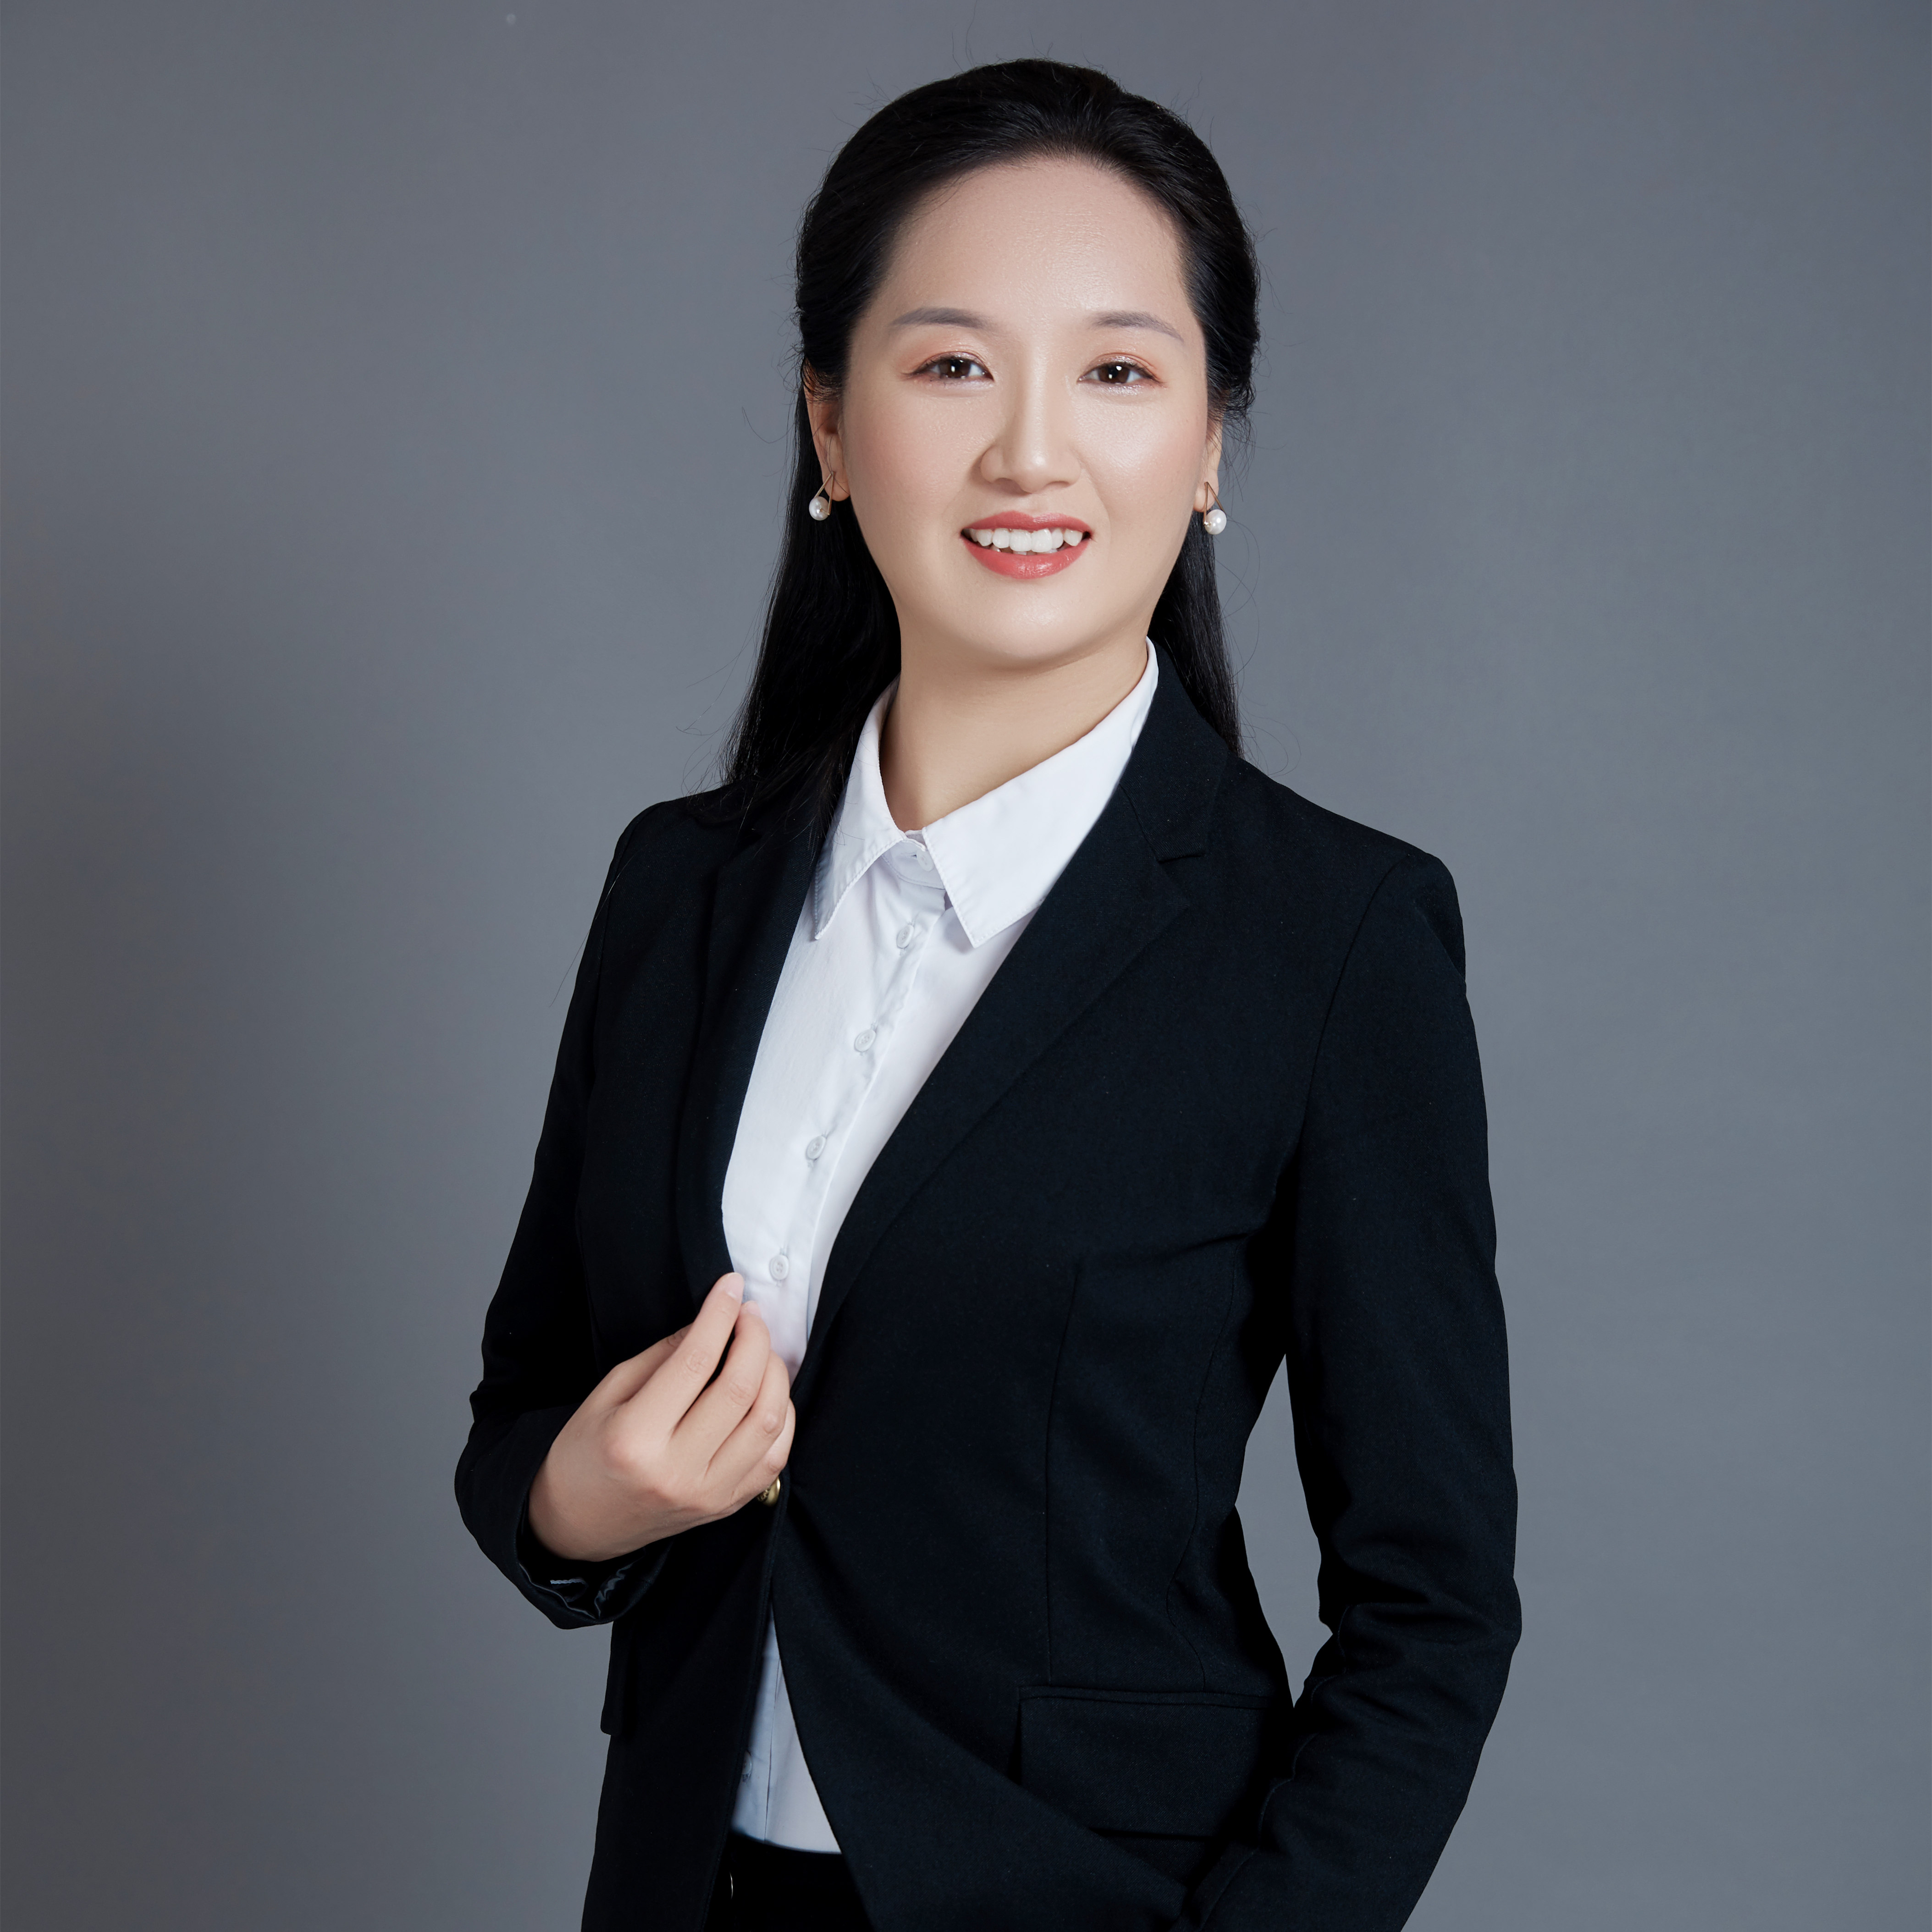 郑州知名律师_郑州知名律师有哪些?